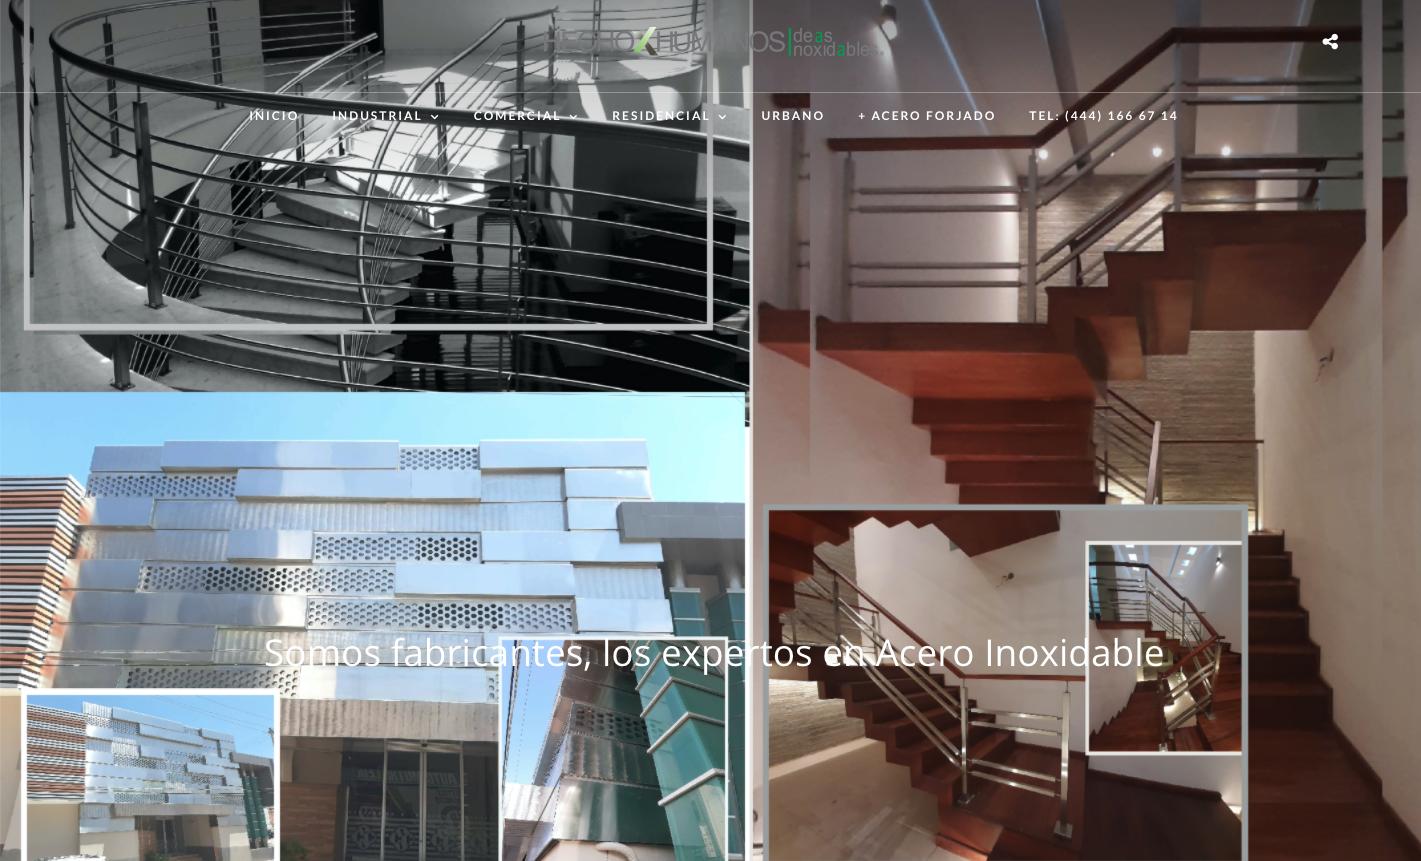 Captura de Pantalla 2020-06-10 a la(s) 12.09.45 p.m.